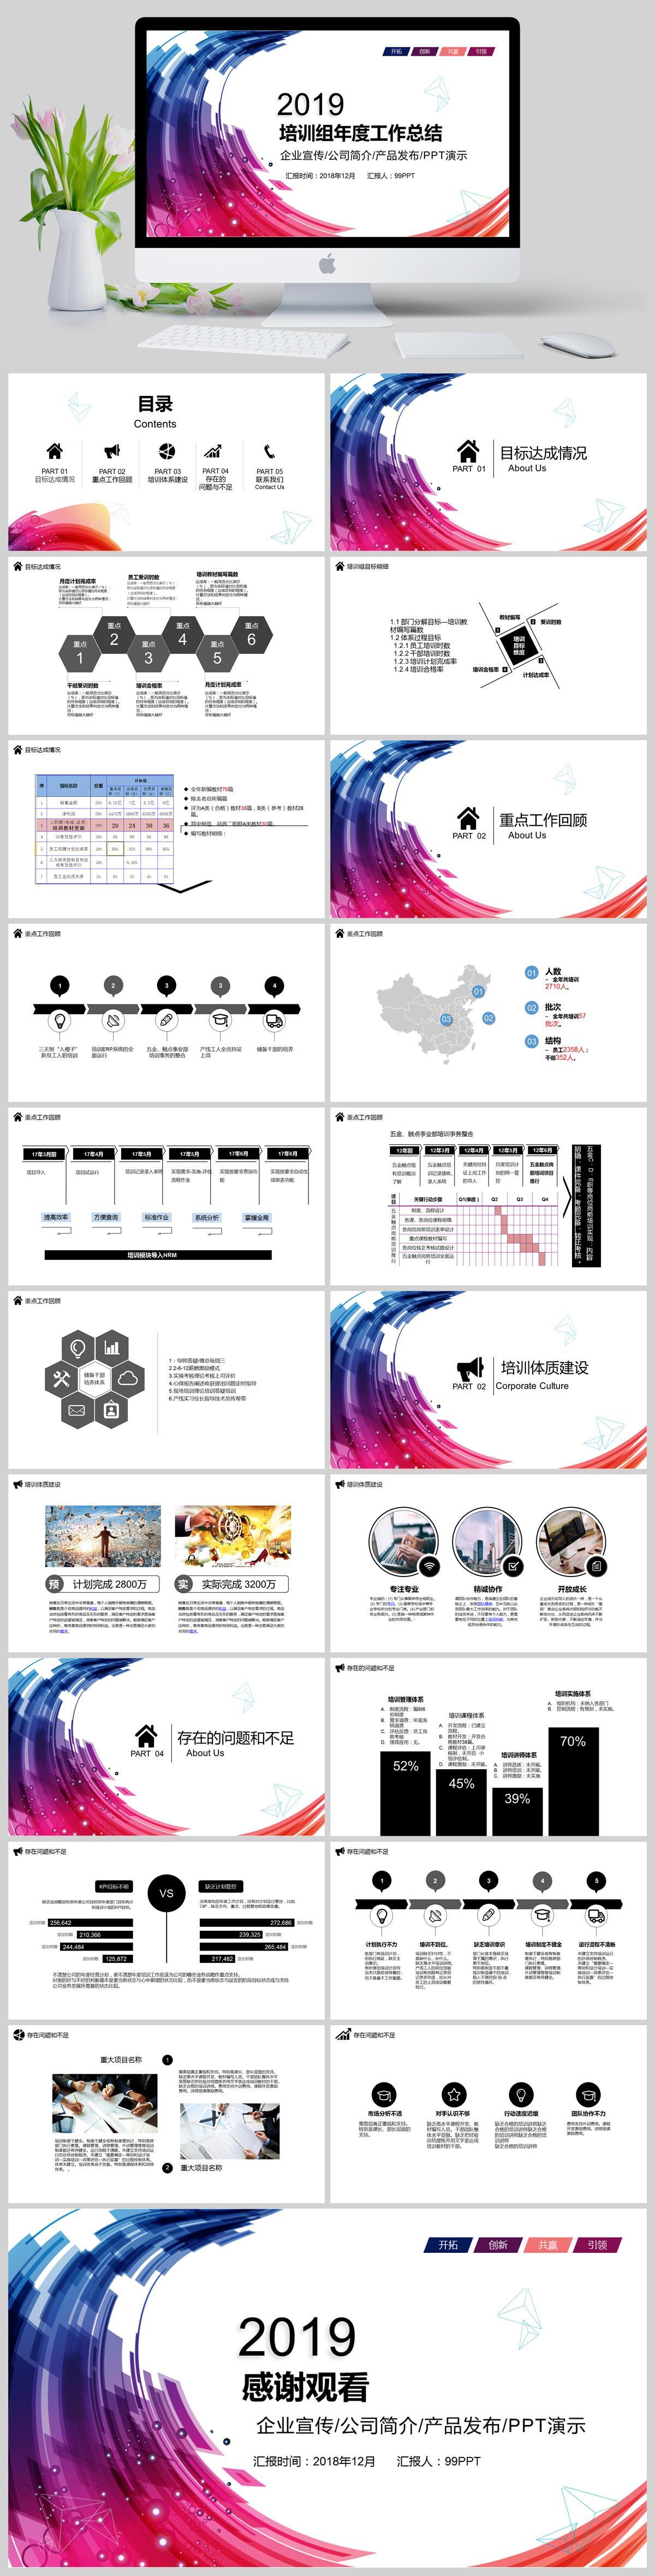 培训组年度工作总结企业宣传公司简介产品发布PPT亚博体育主页